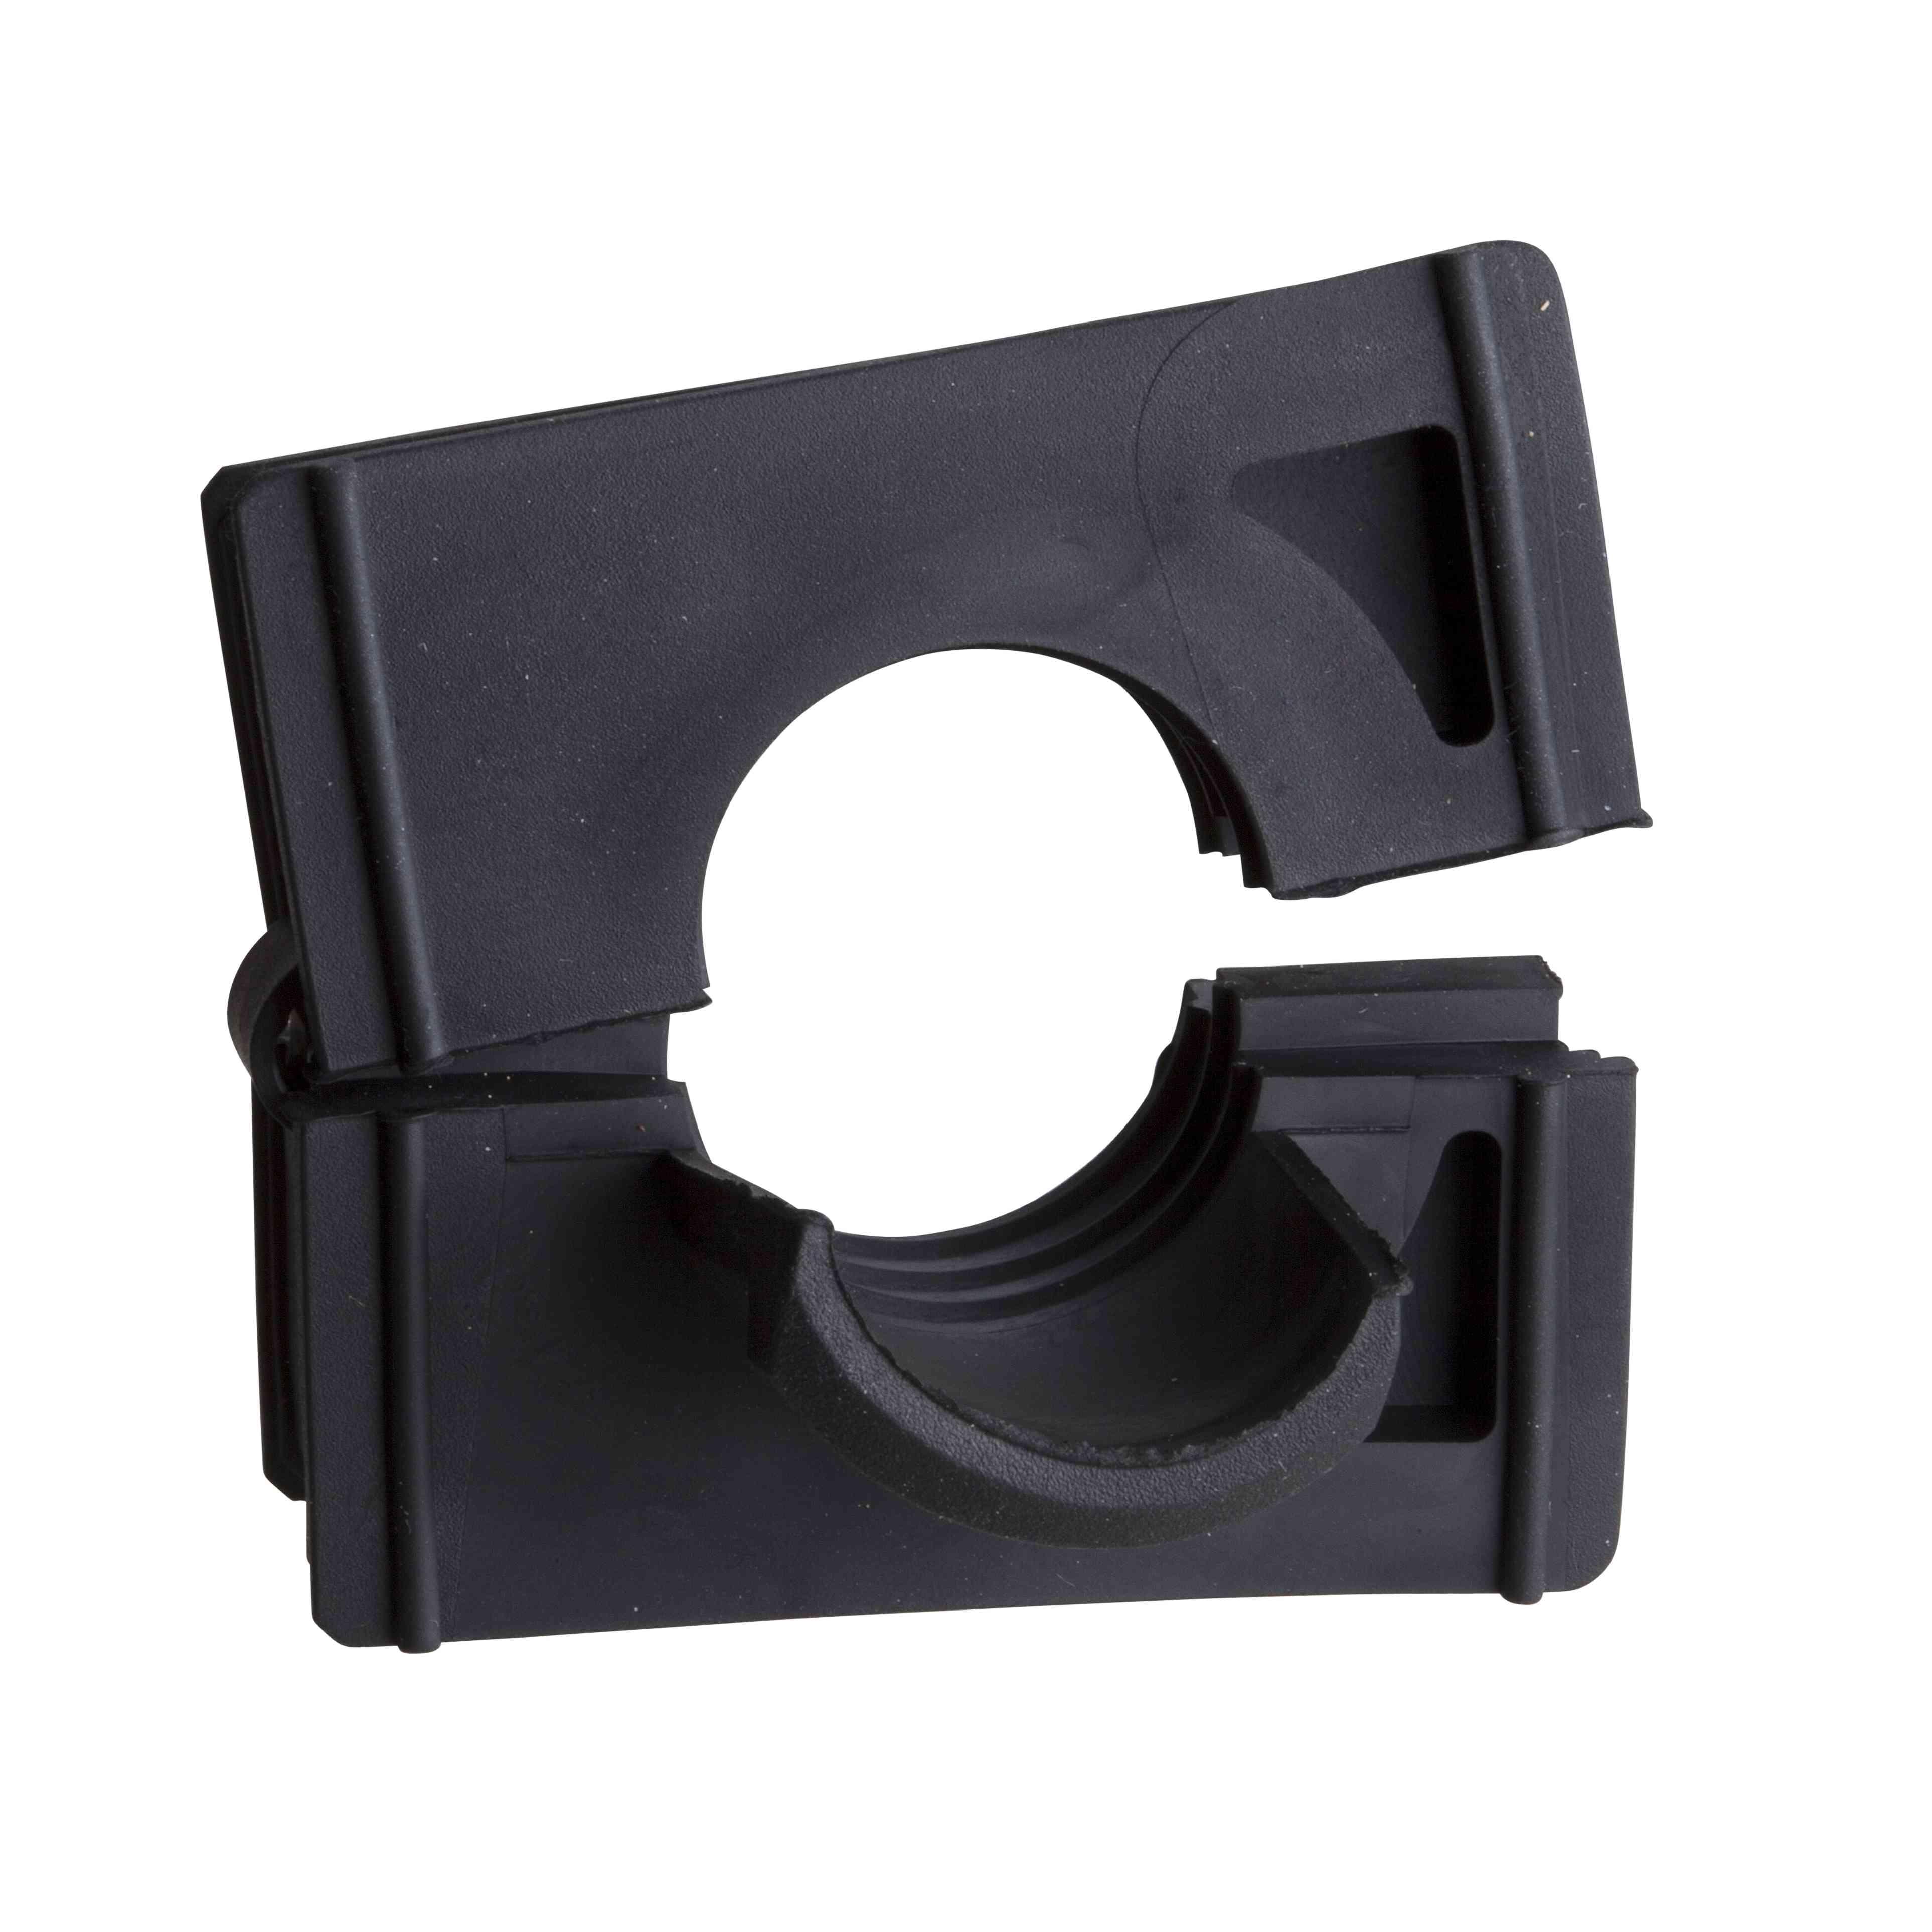 Kabelski prehodi, premer 11 do 12 mm. Nameščeni v matrico kab. vhoda. Pak.: 10